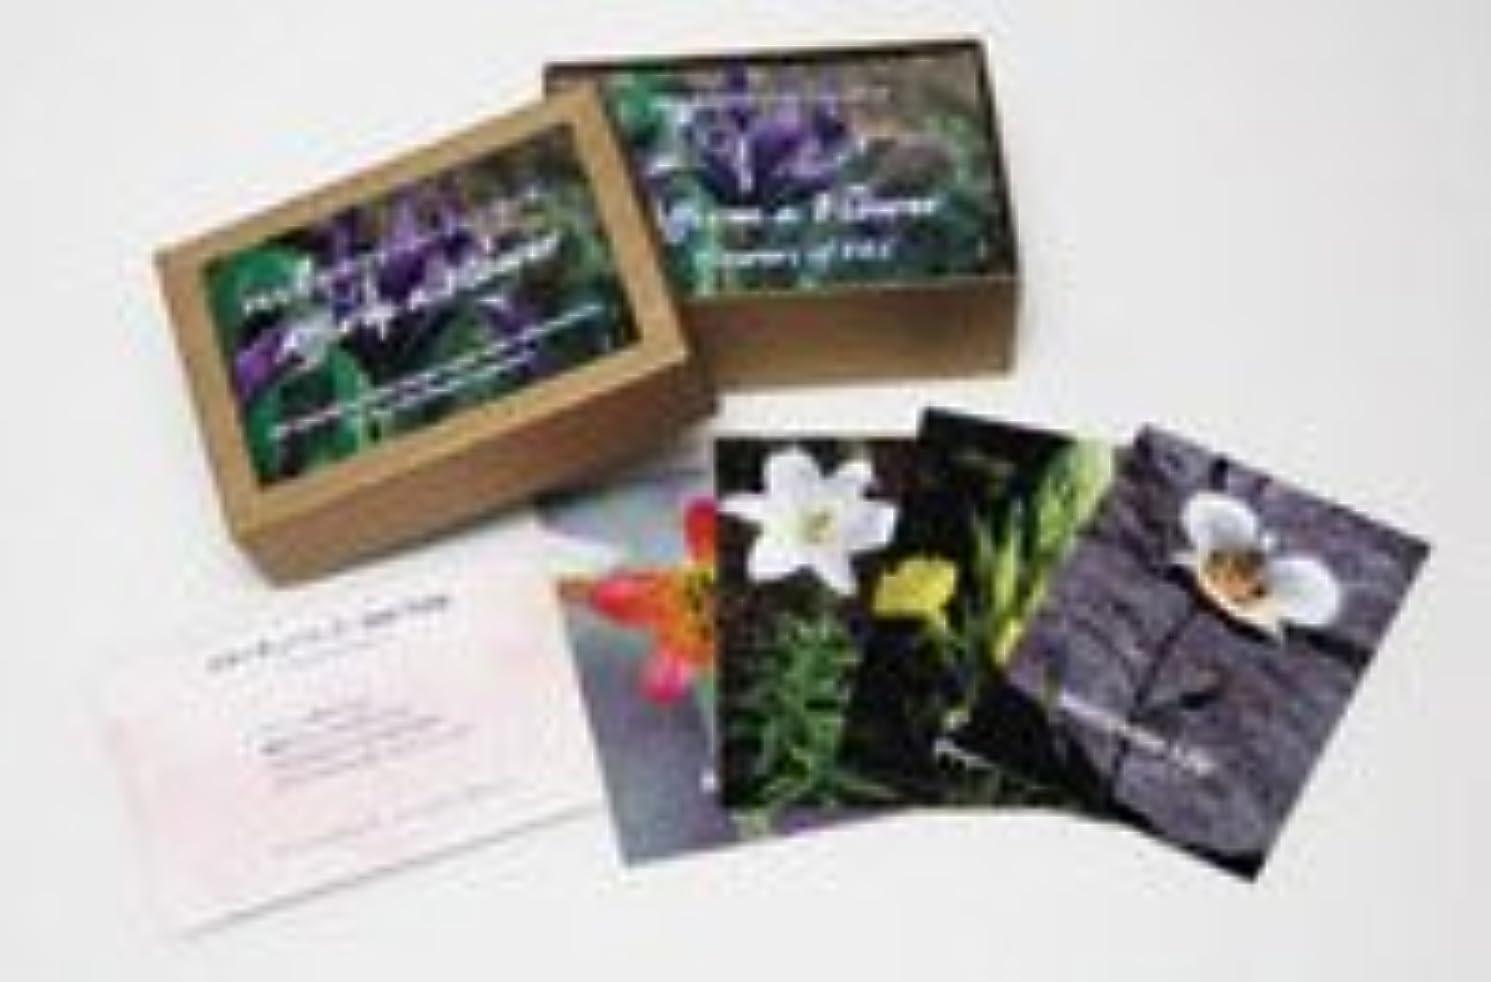 北くるみ委員長FESフラワーエッセンス アファメーションカード 103枚(日本版) (Flower Essence Society) 日本国内正規品